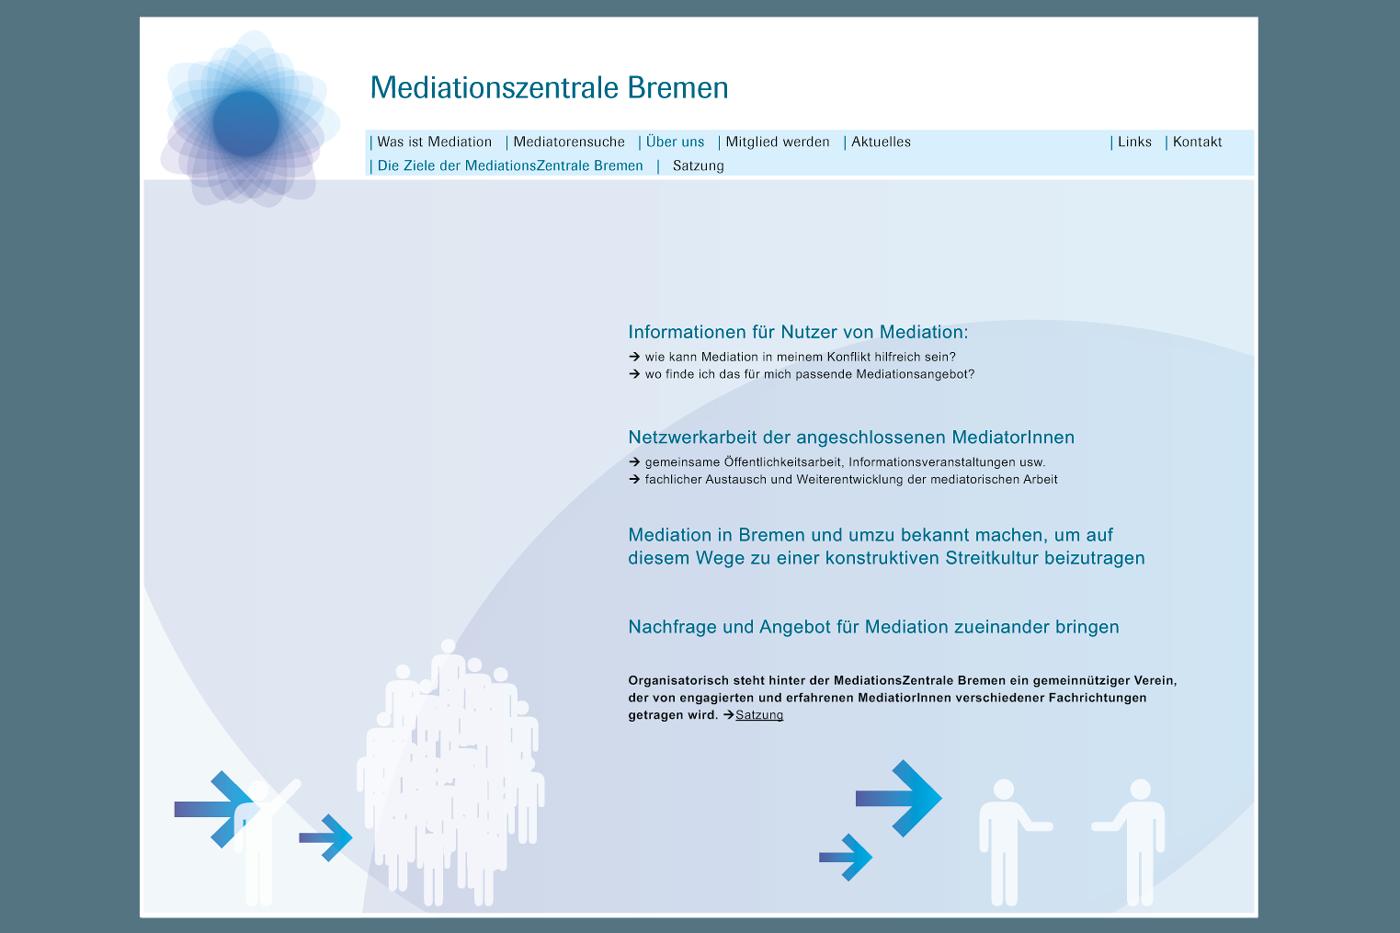 MediationInternet_251012_4